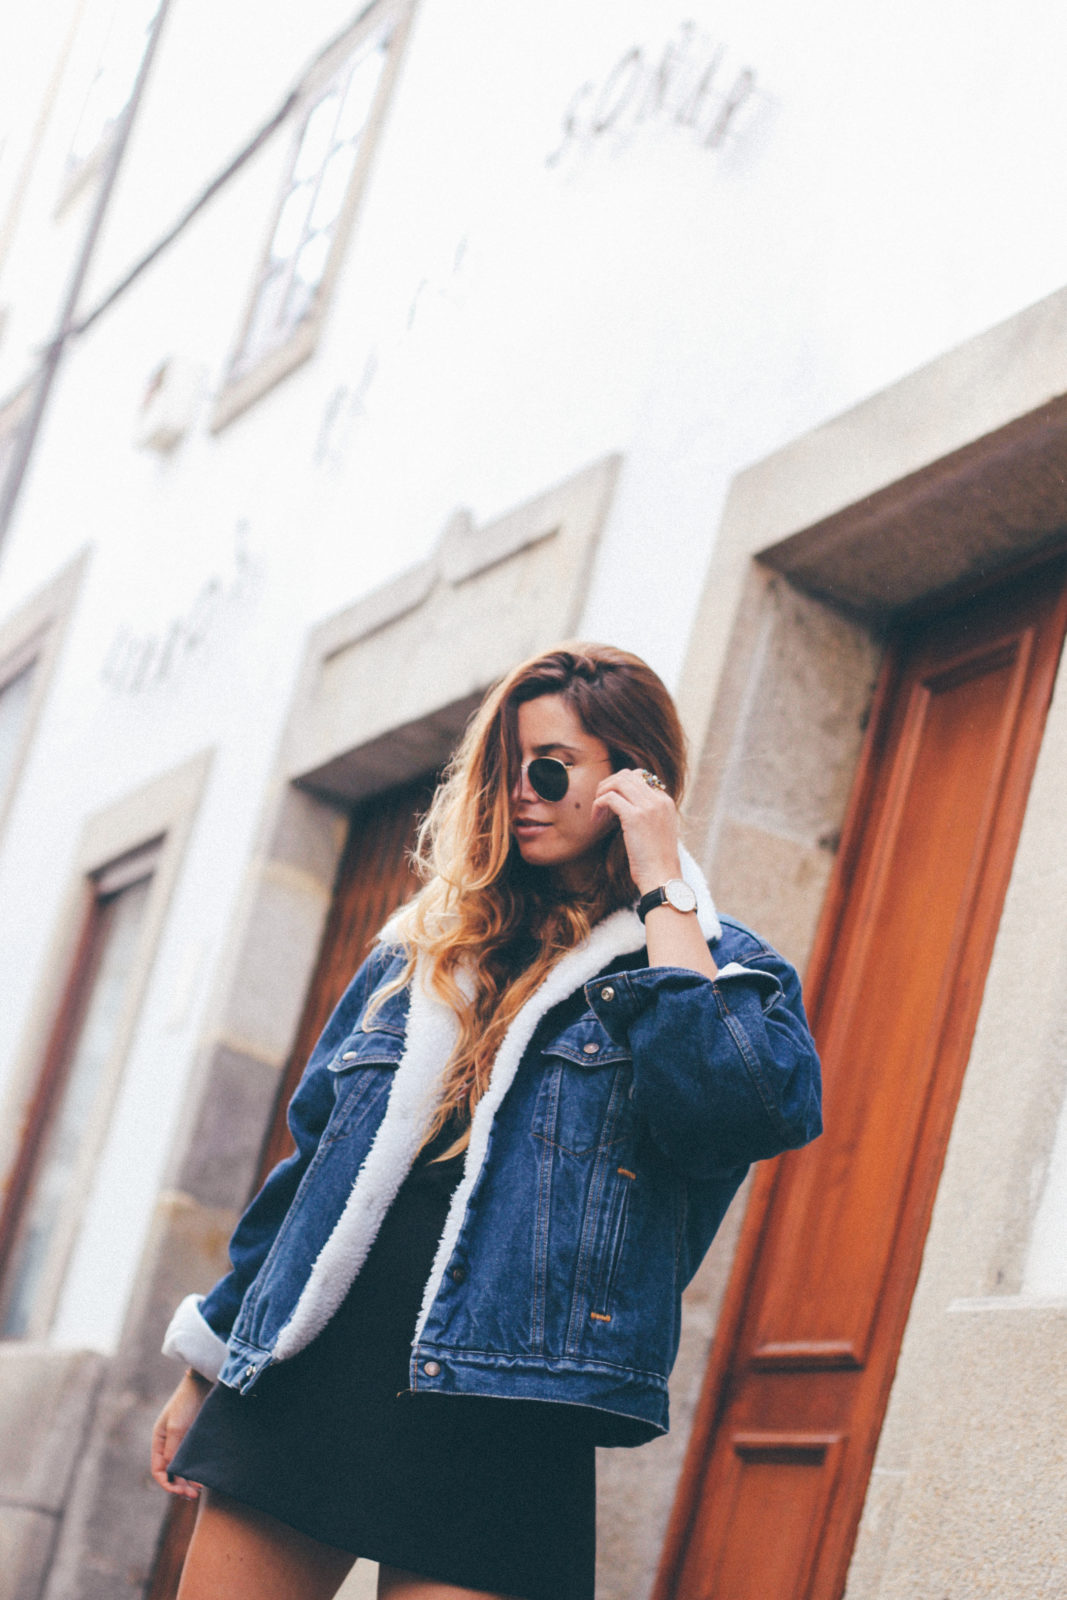 cazadora_levis_concorde_vintage-32